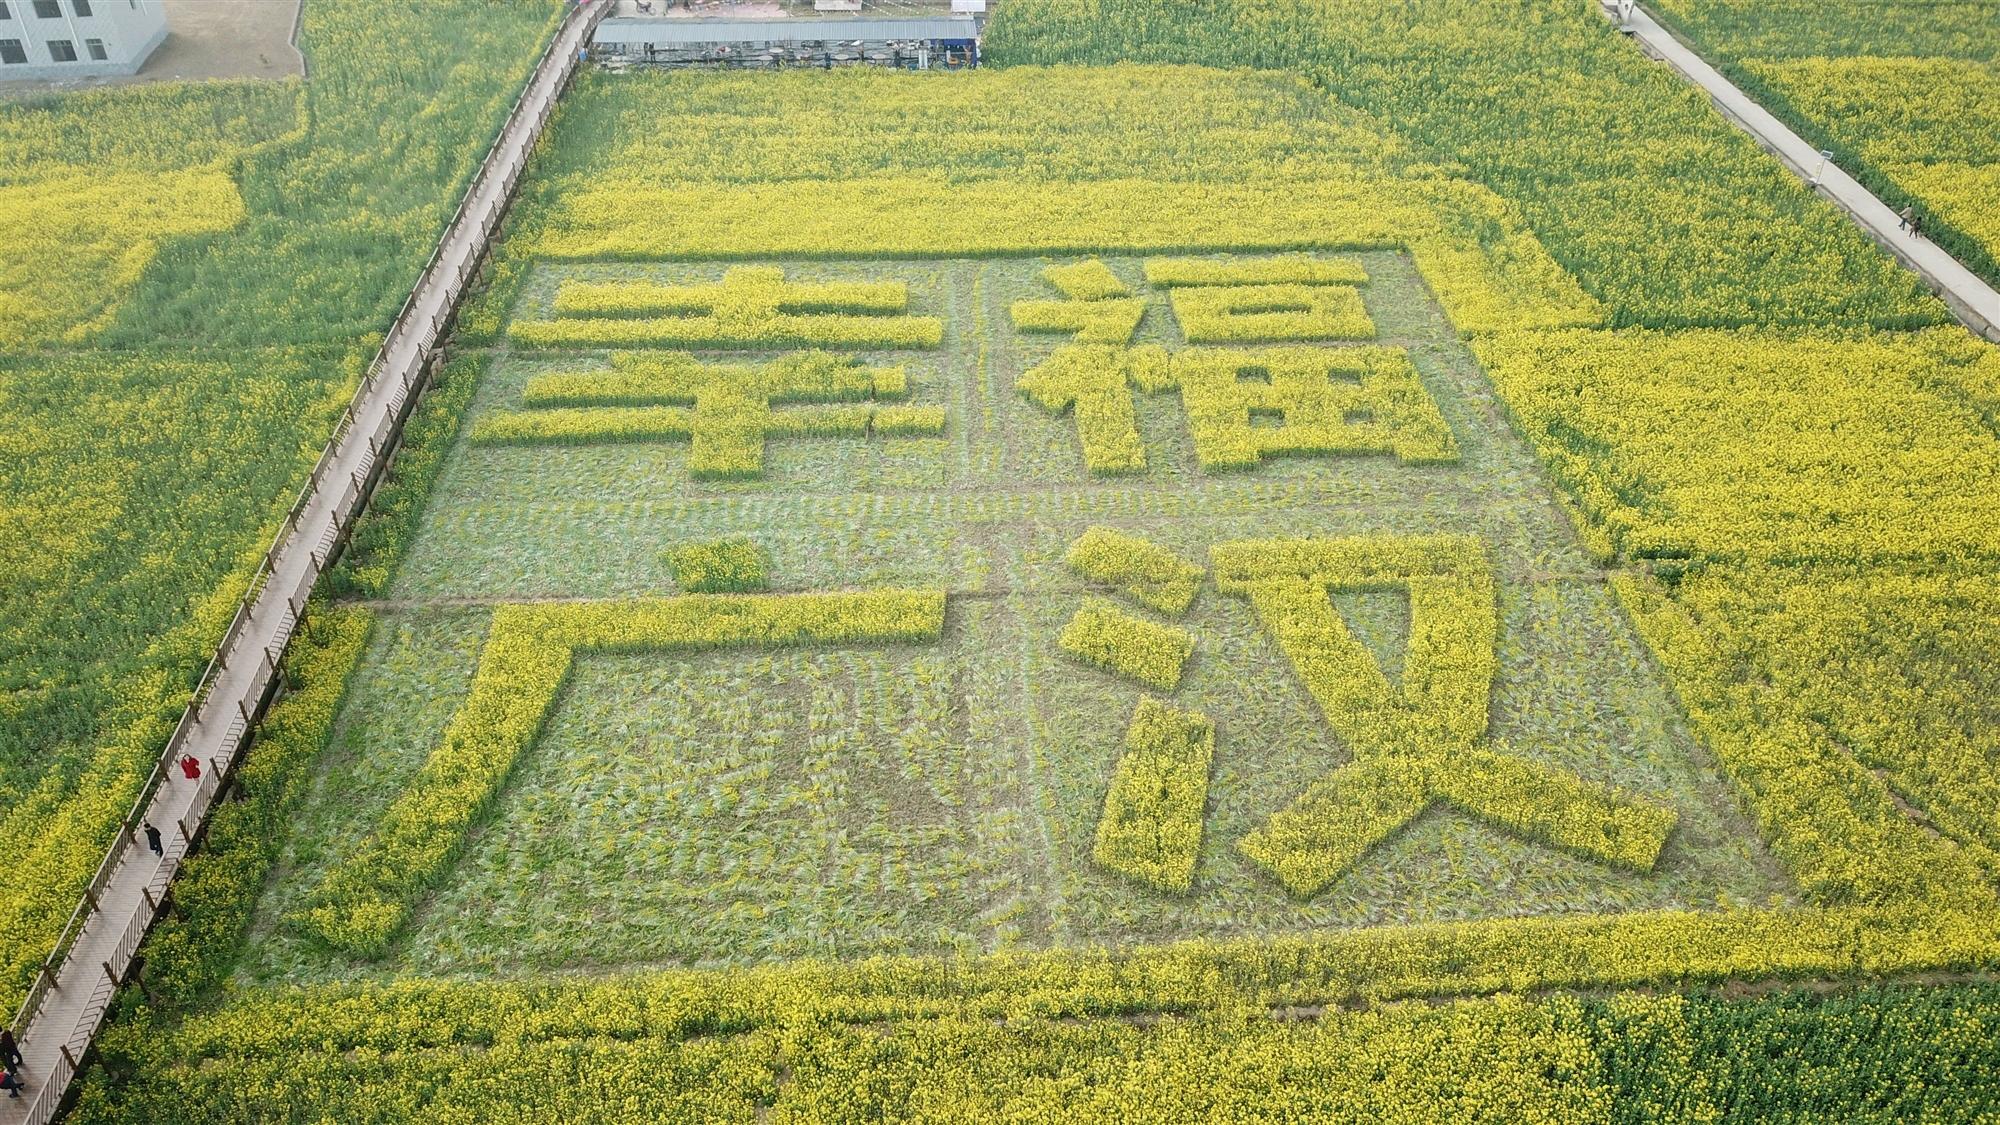 坐热气球乘滑索 广汉西高邀您高空看万亩油菜花